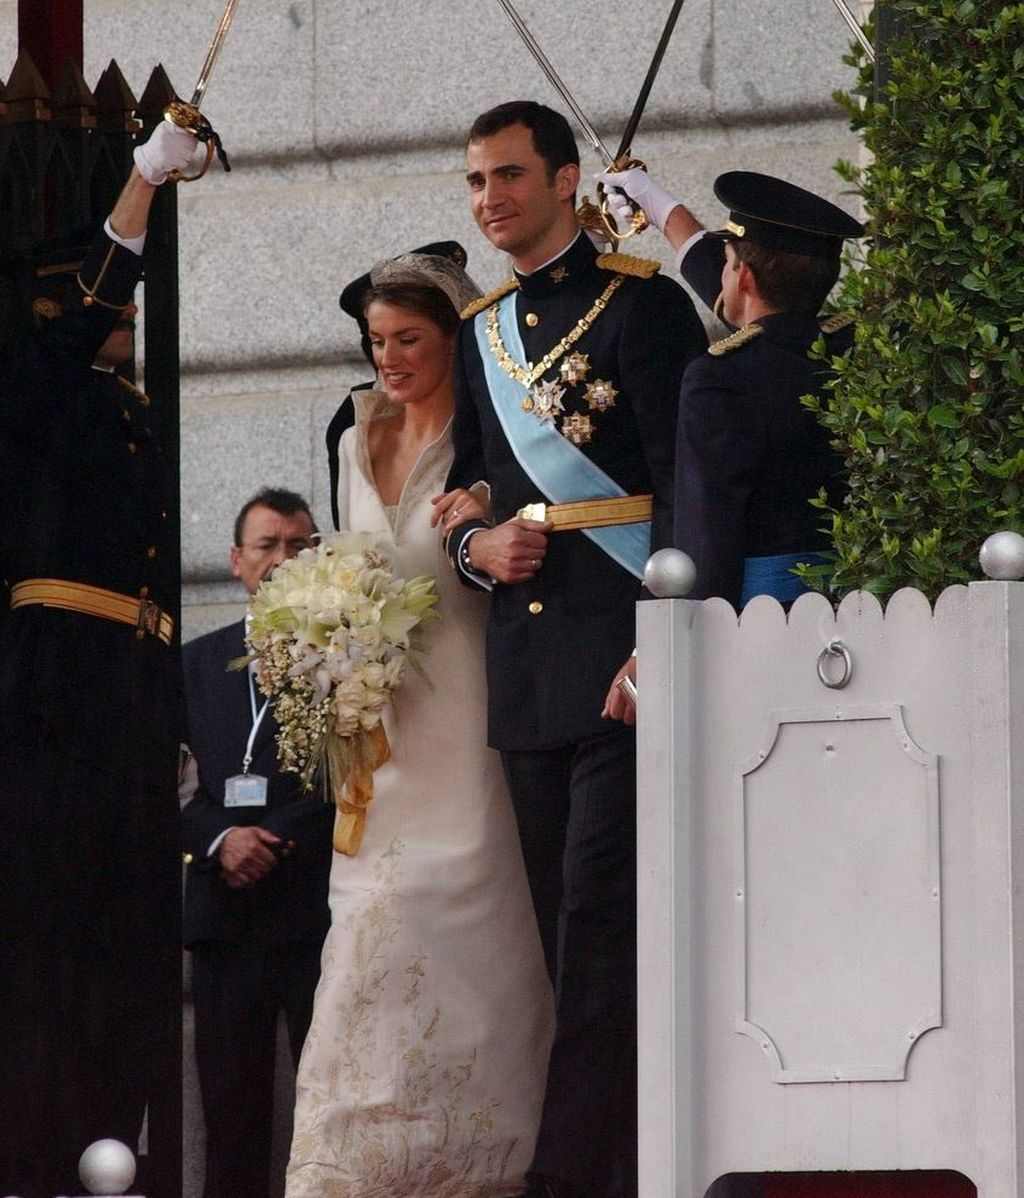 Letizia Ortiz y Felipez VI el día de su boda